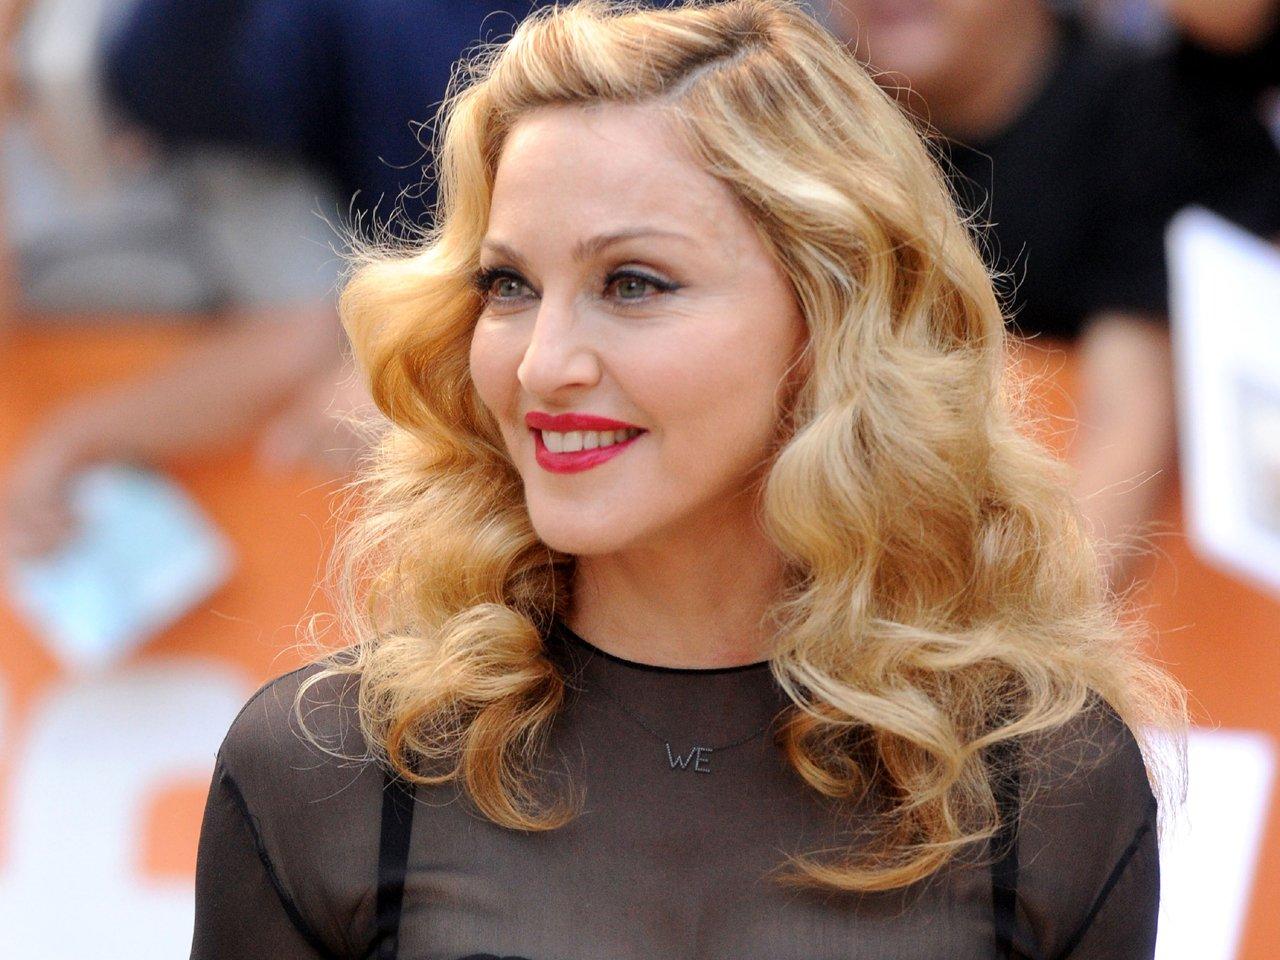 108 фотографий голой Мадонны ввозрасте 18 лет выставлены нааукцион